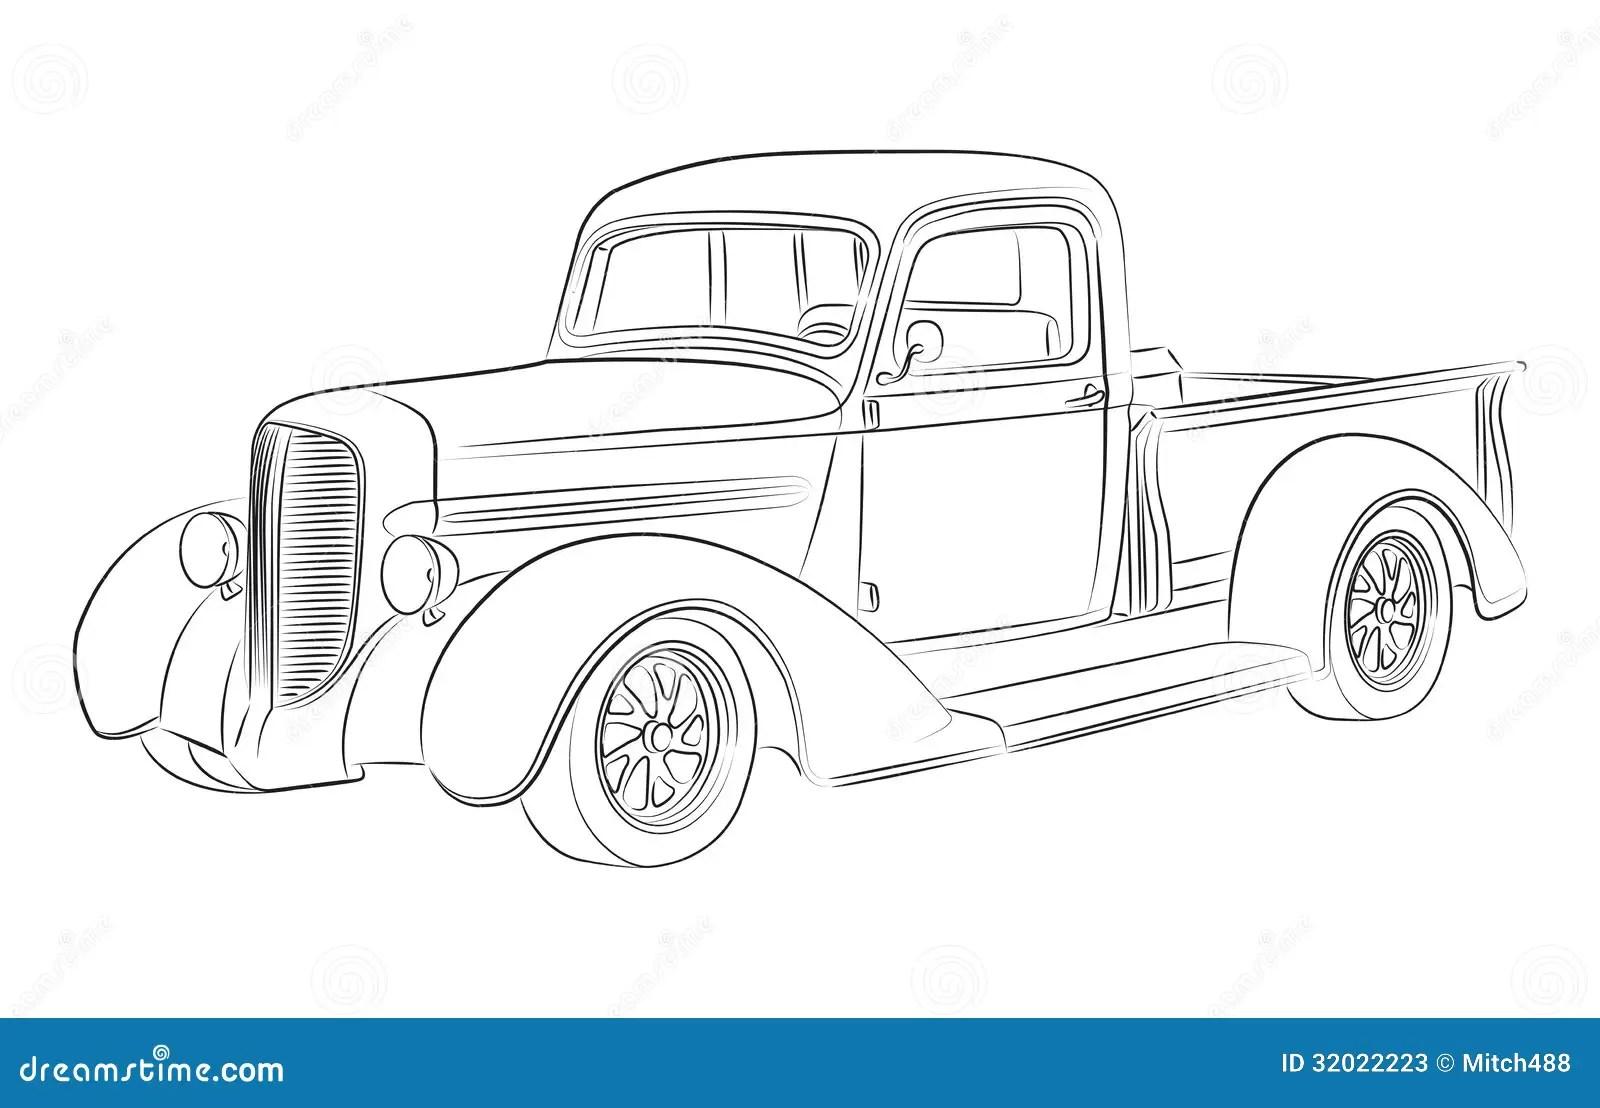 De Tekening Van De Hotrodbestelwagen Stock Illustratie